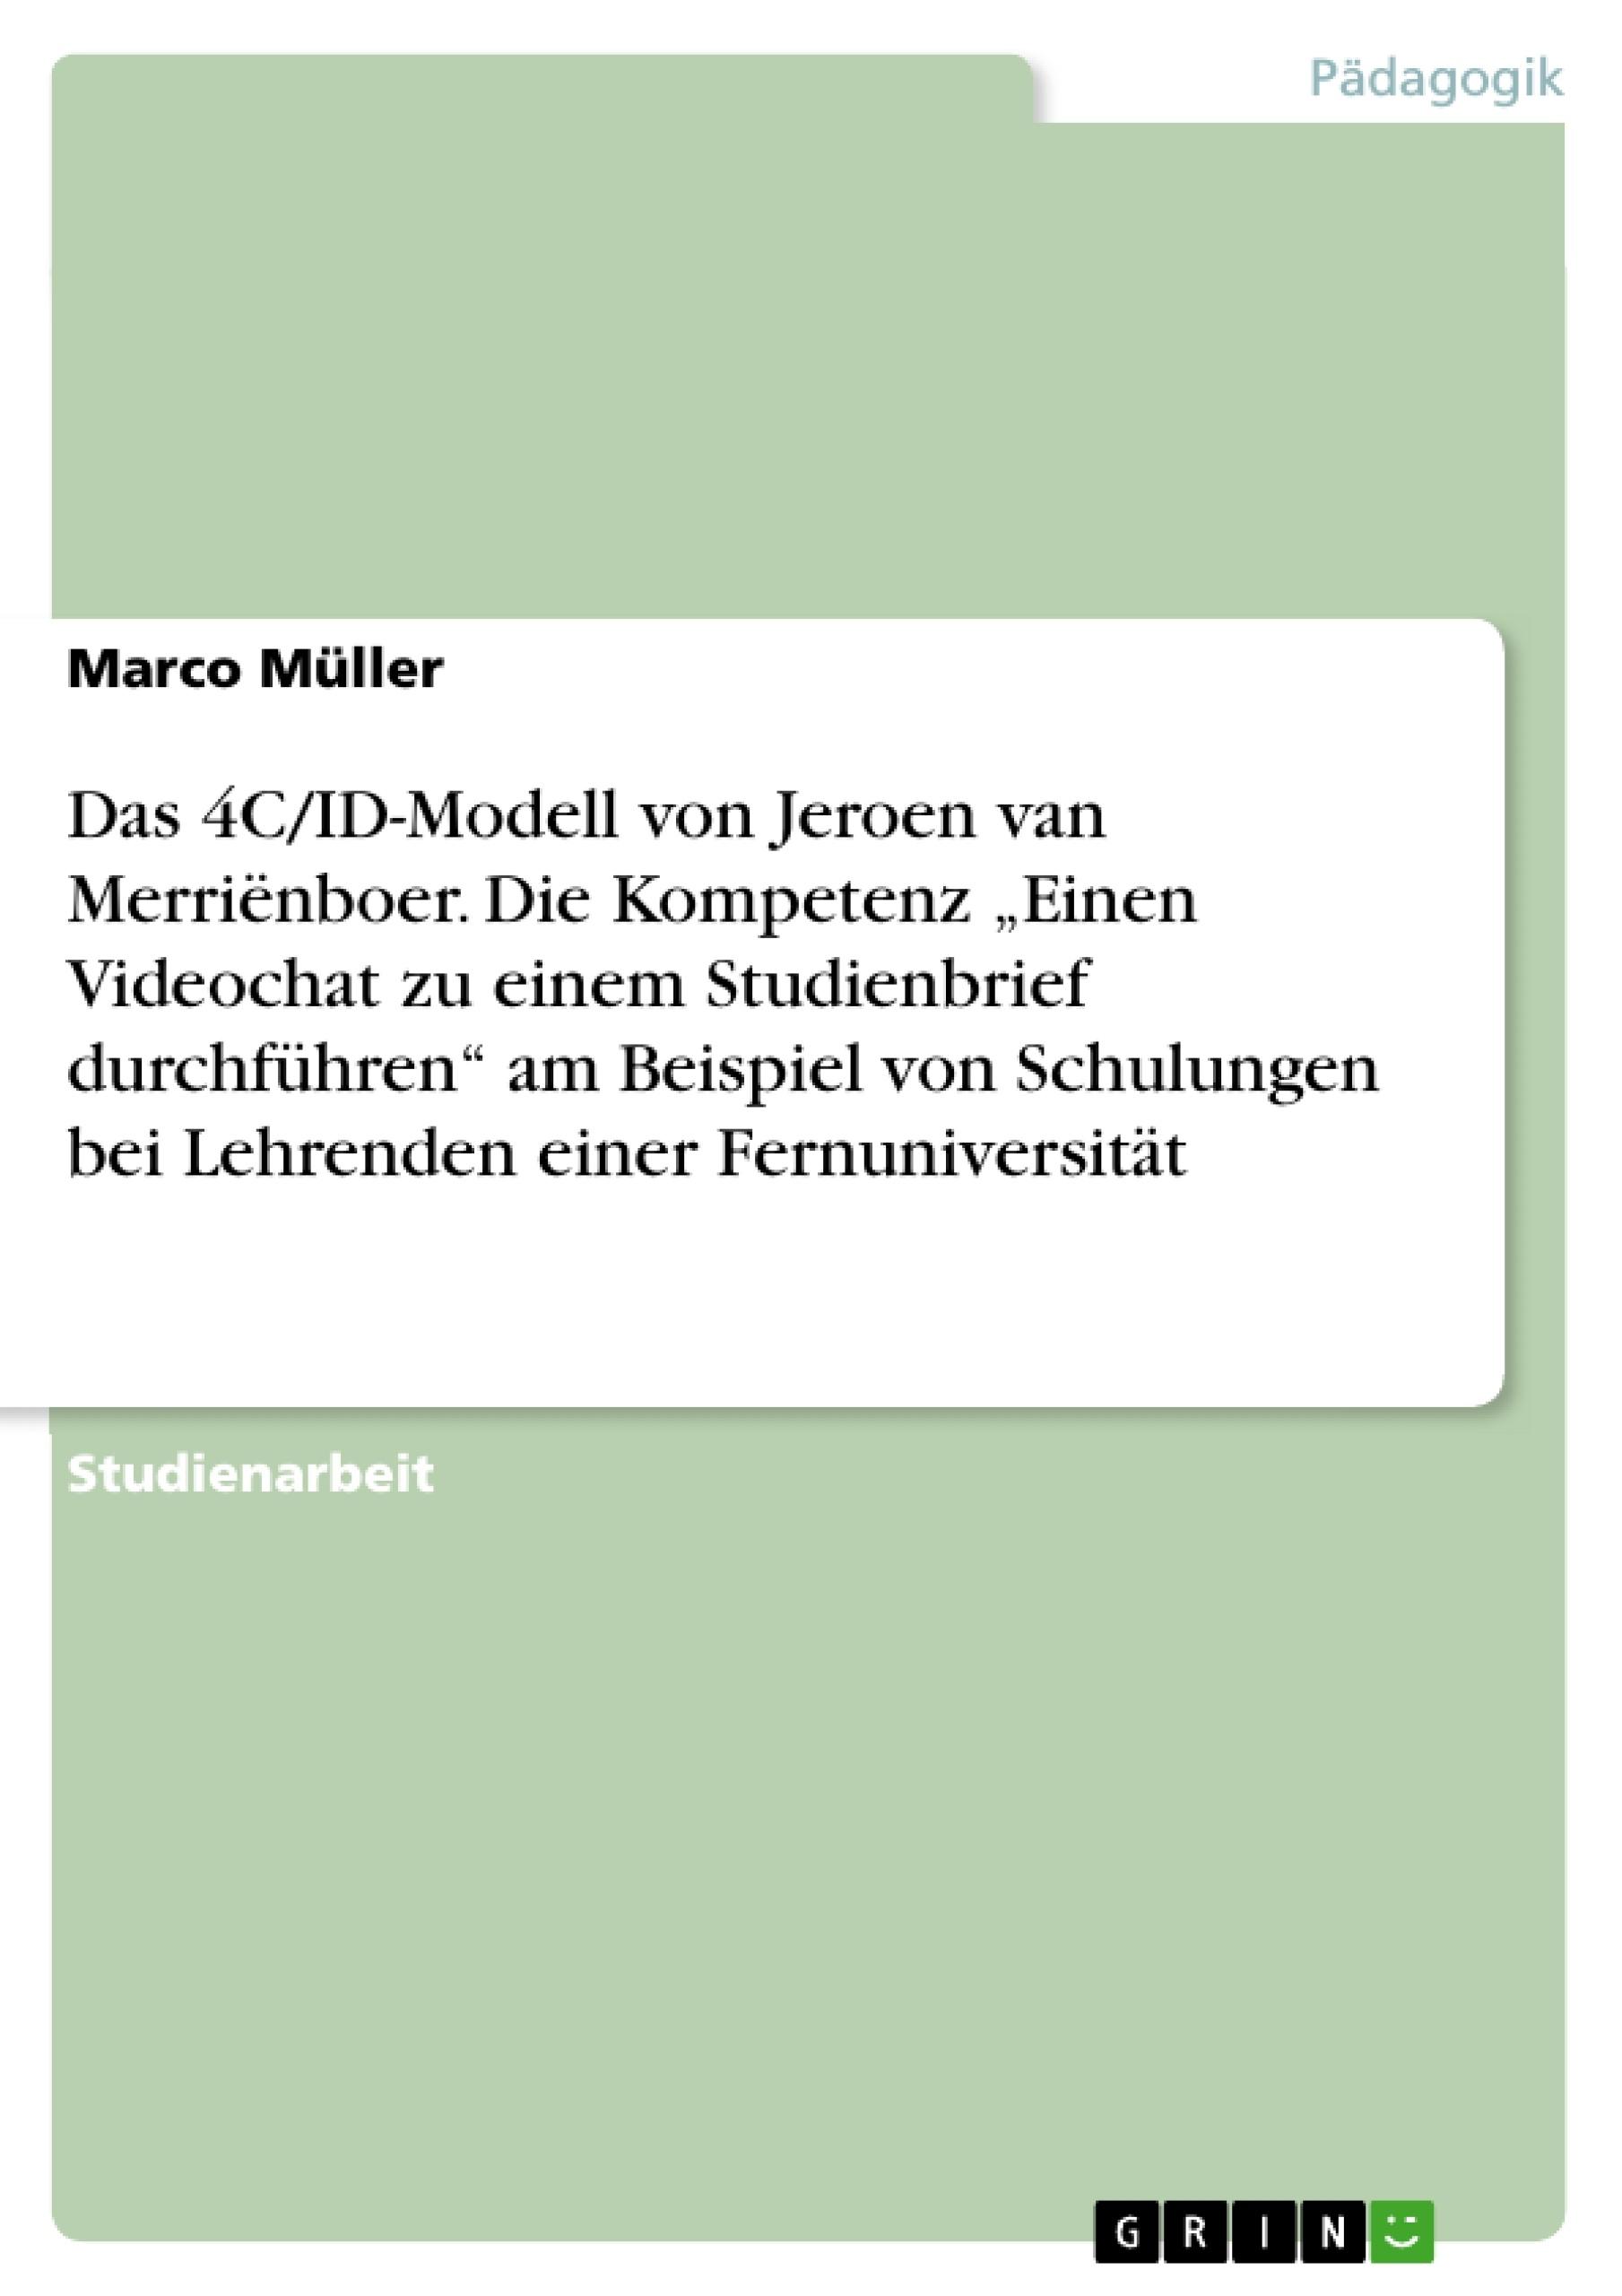 """Titel: Das 4C/ID-Modell von Jeroen van Merriënboer. Die Kompetenz """"Einen Videochat zu einem Studienbrief durchführen"""" am Beispiel von Schulungen bei Lehrenden einer Fernuniversität"""